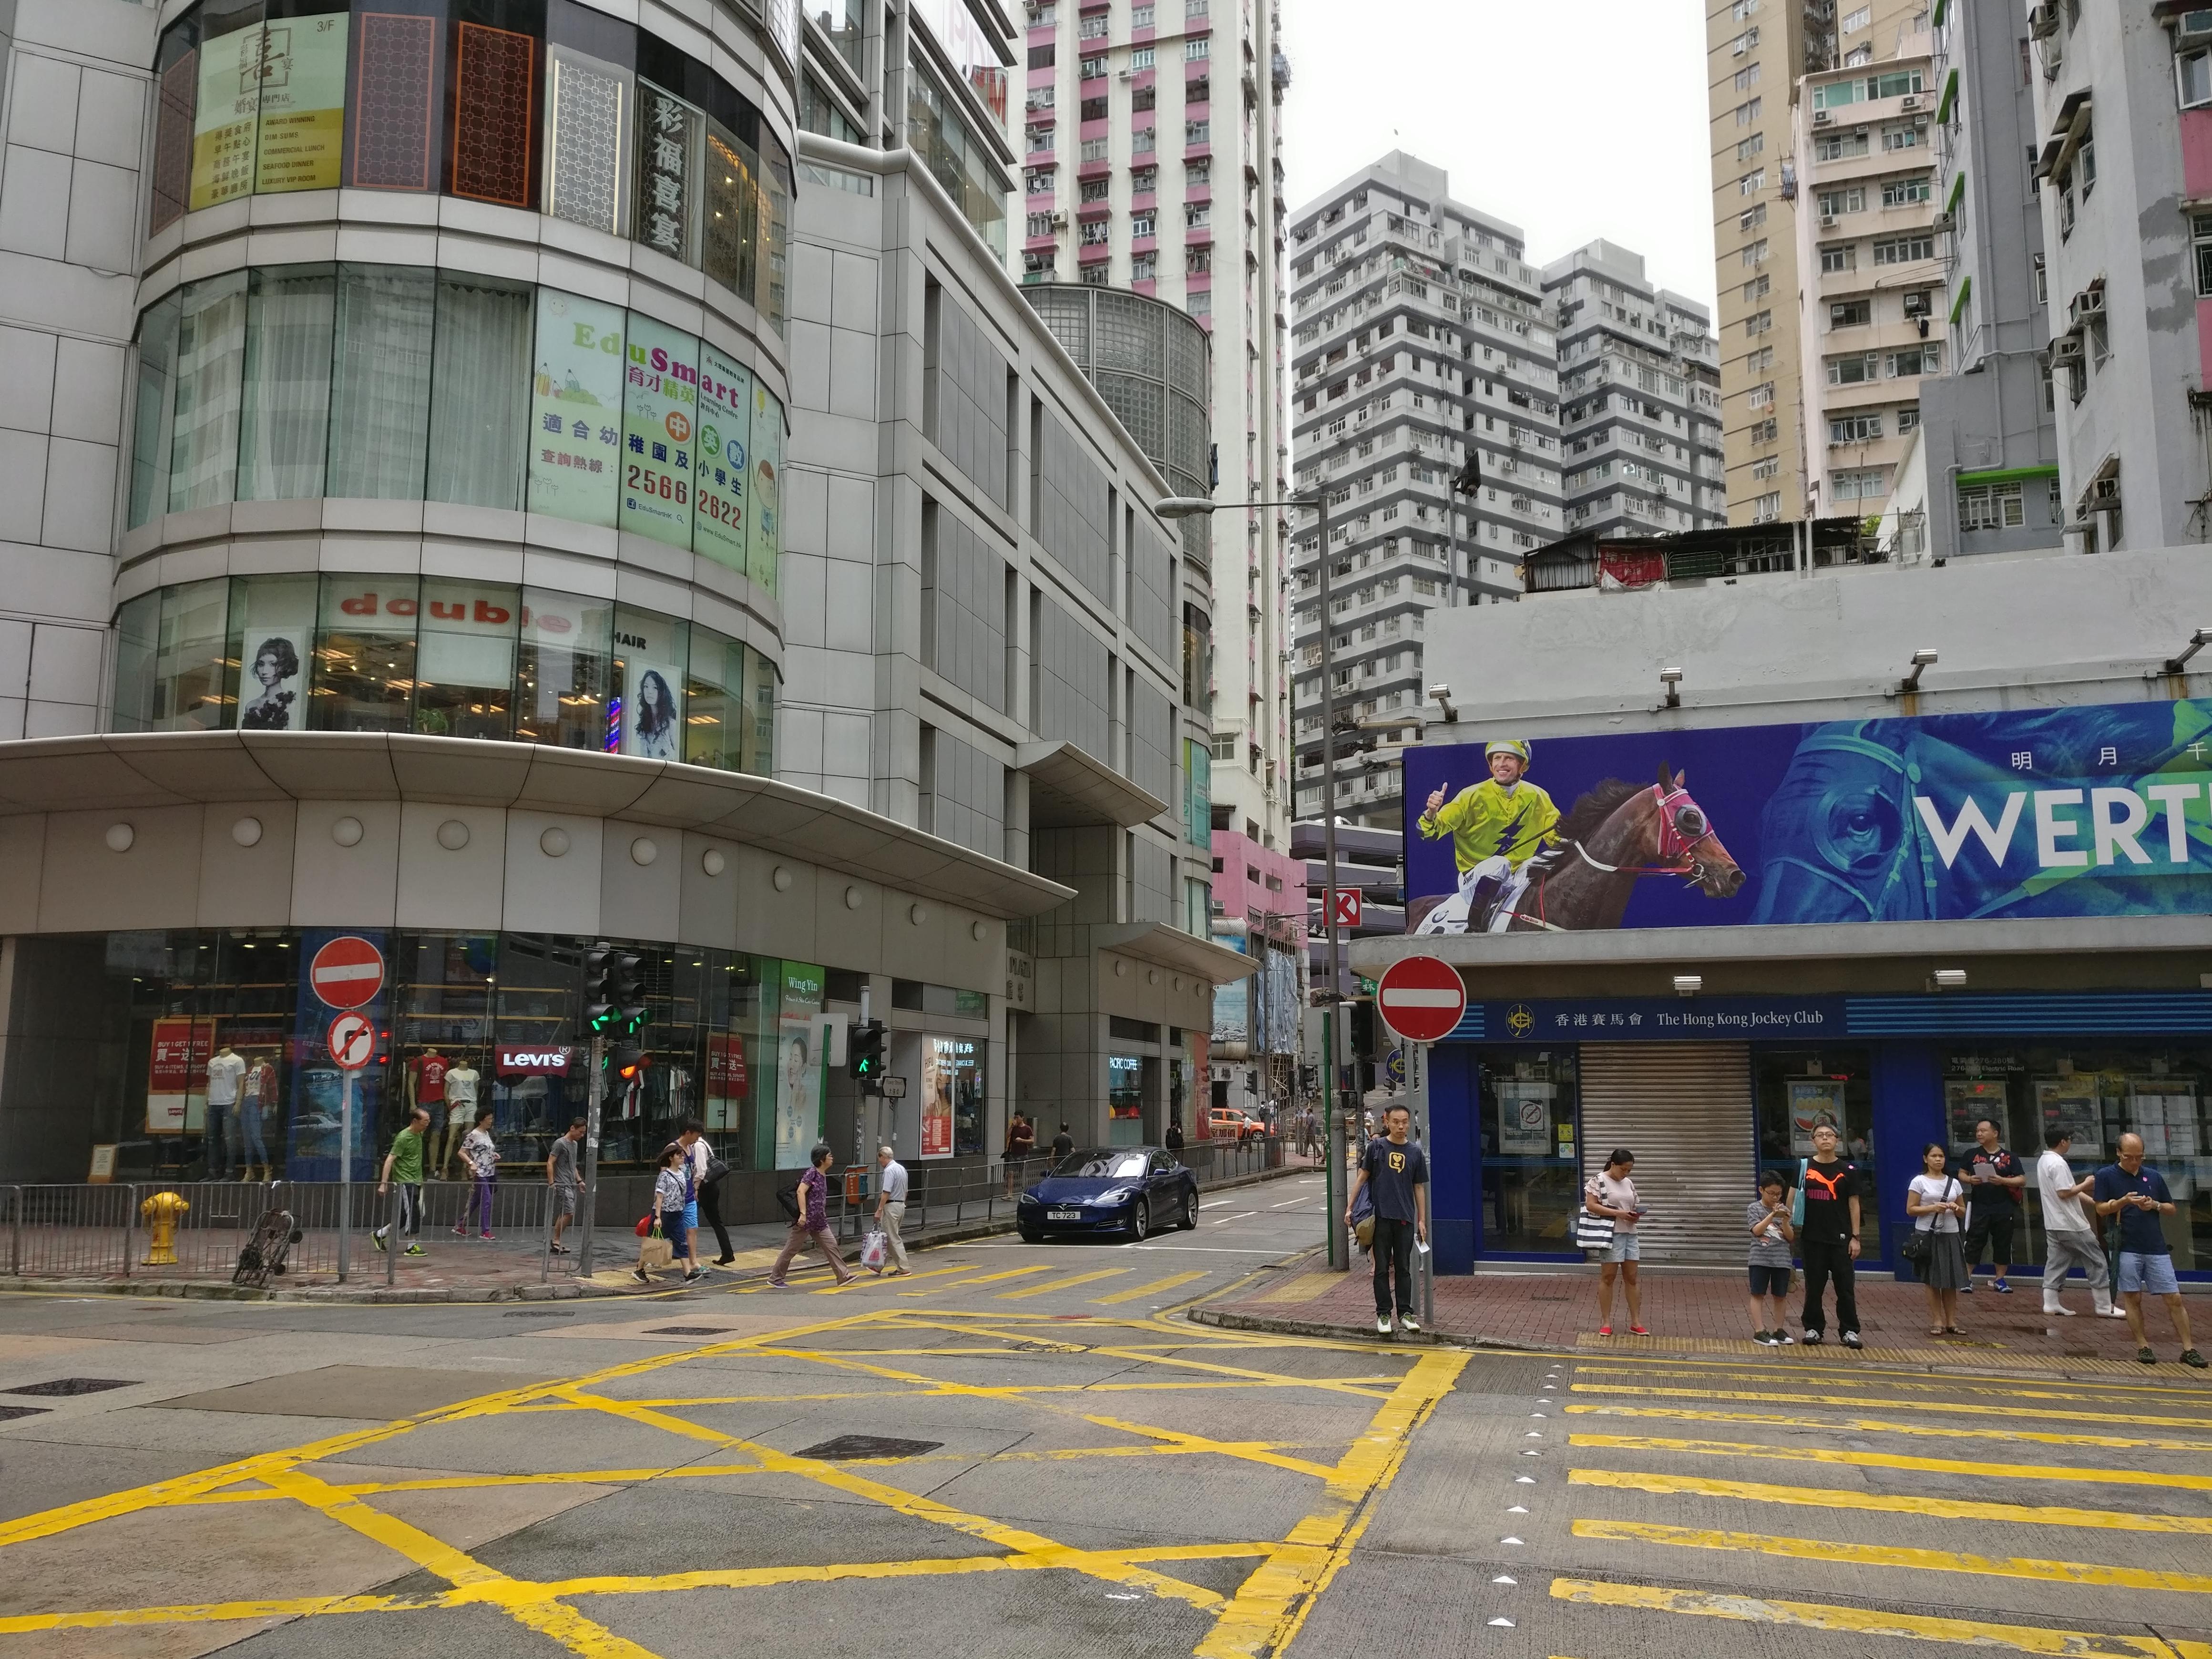 Straßenkreuzung in Hong Kong